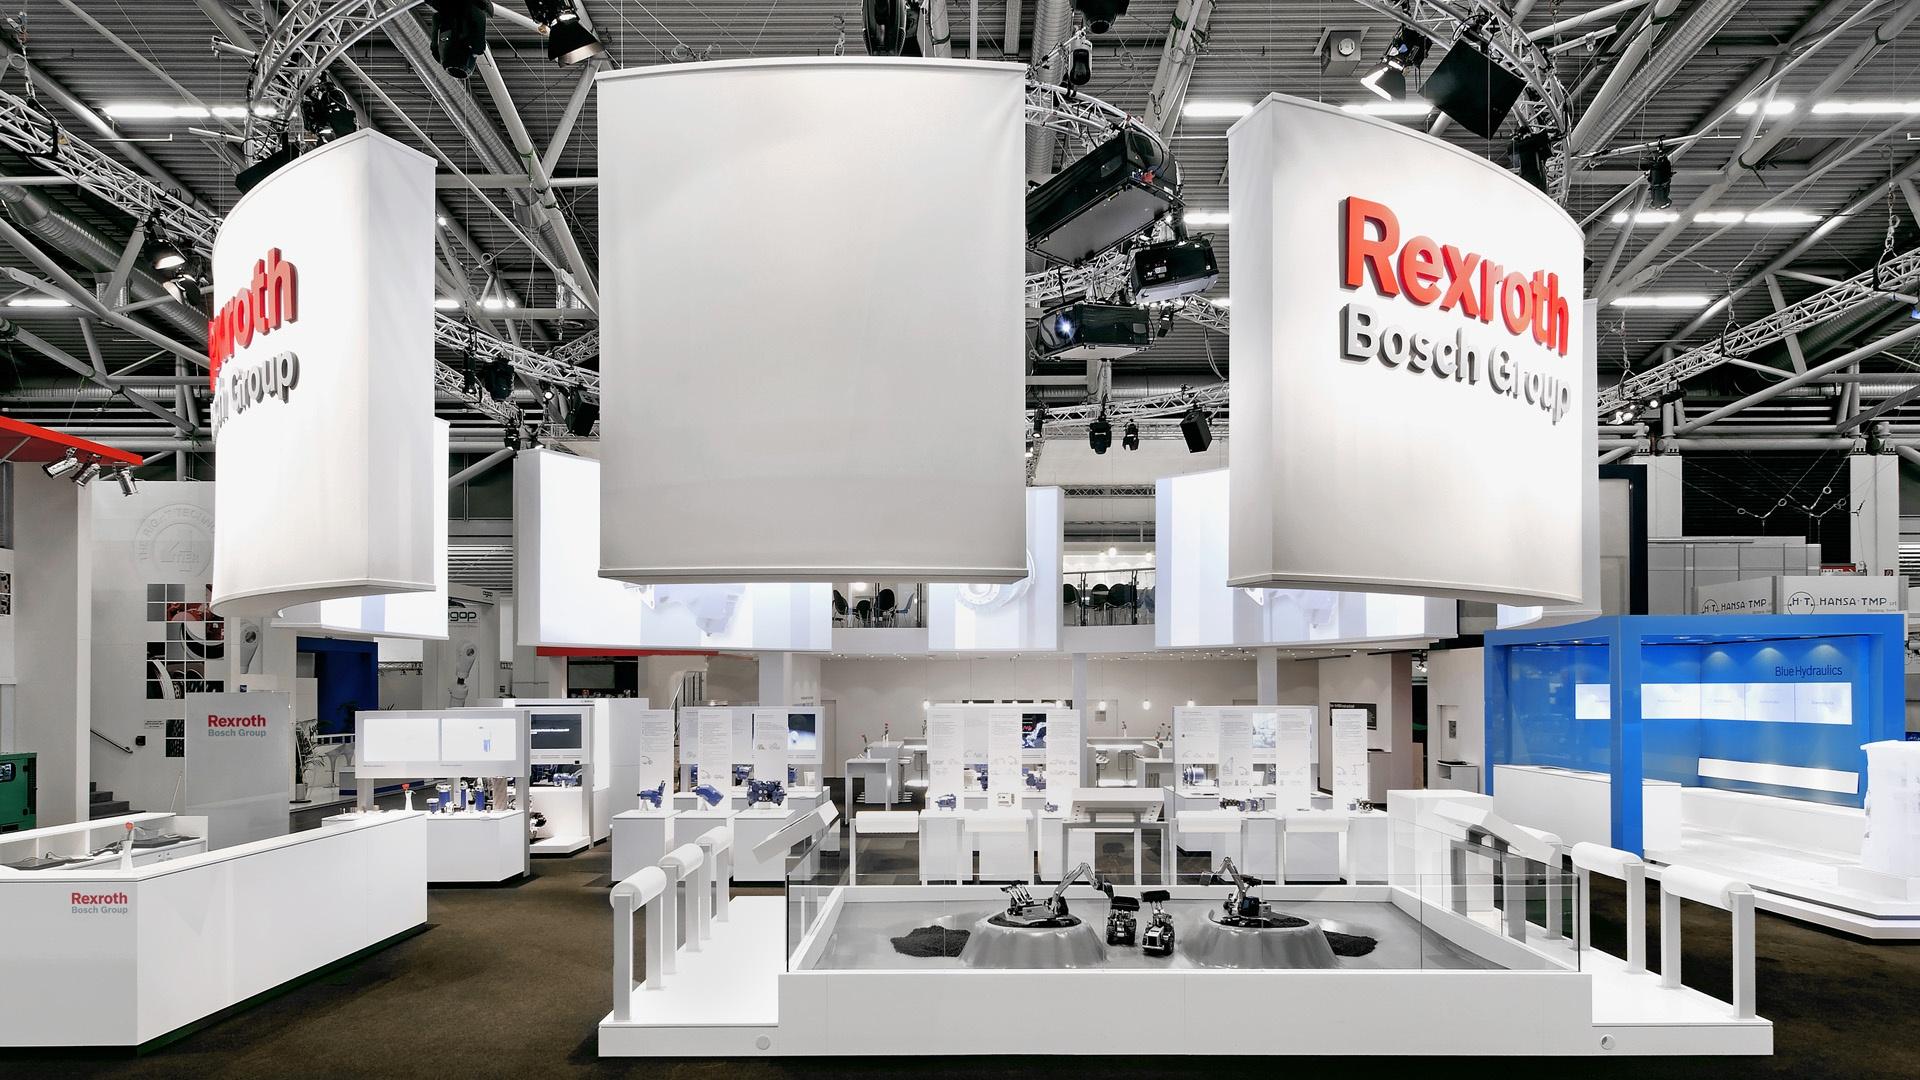 Architektur bauma München Bosch Rexroth